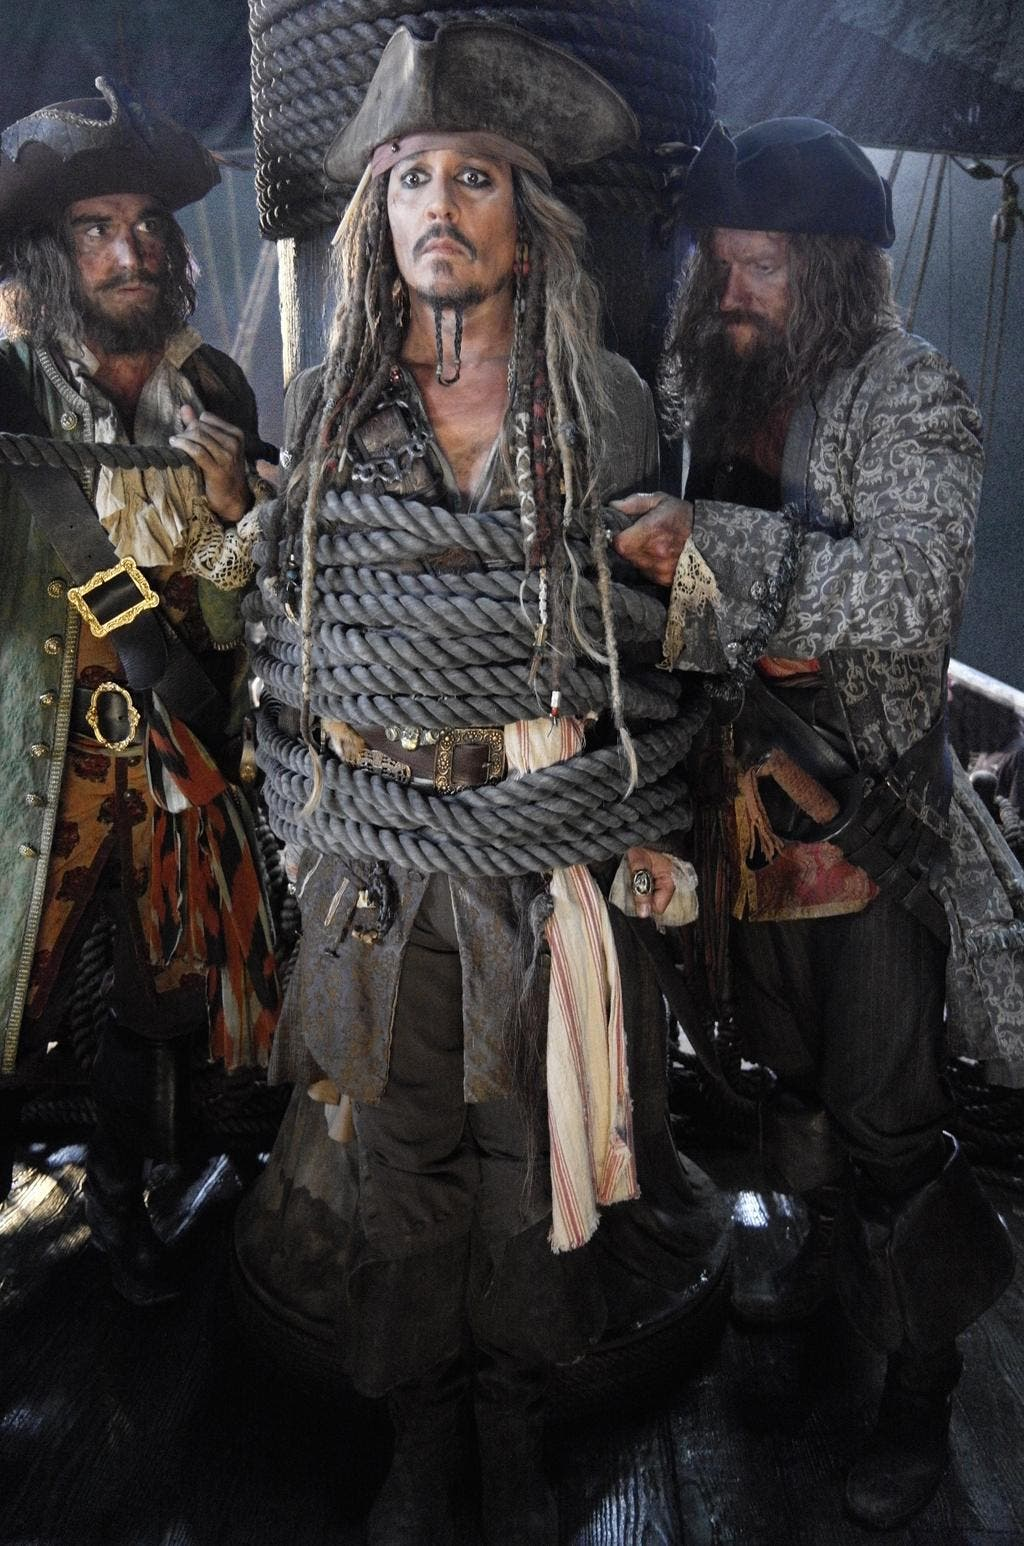 Primera imagen oficial de Jack Sparrow Piratas del caribe 5